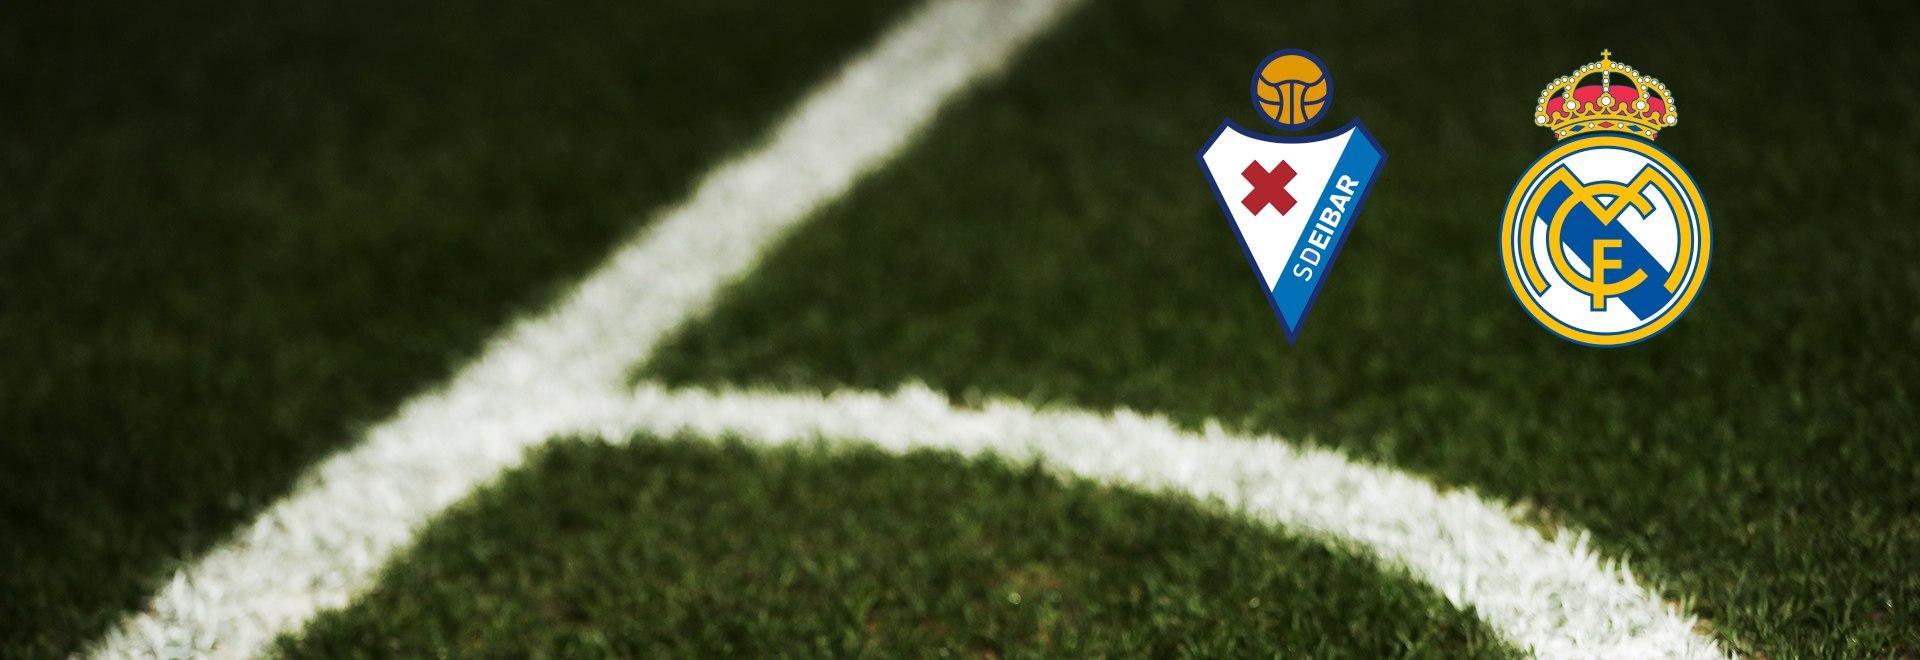 Eibar - Real Madrid. 14a g.